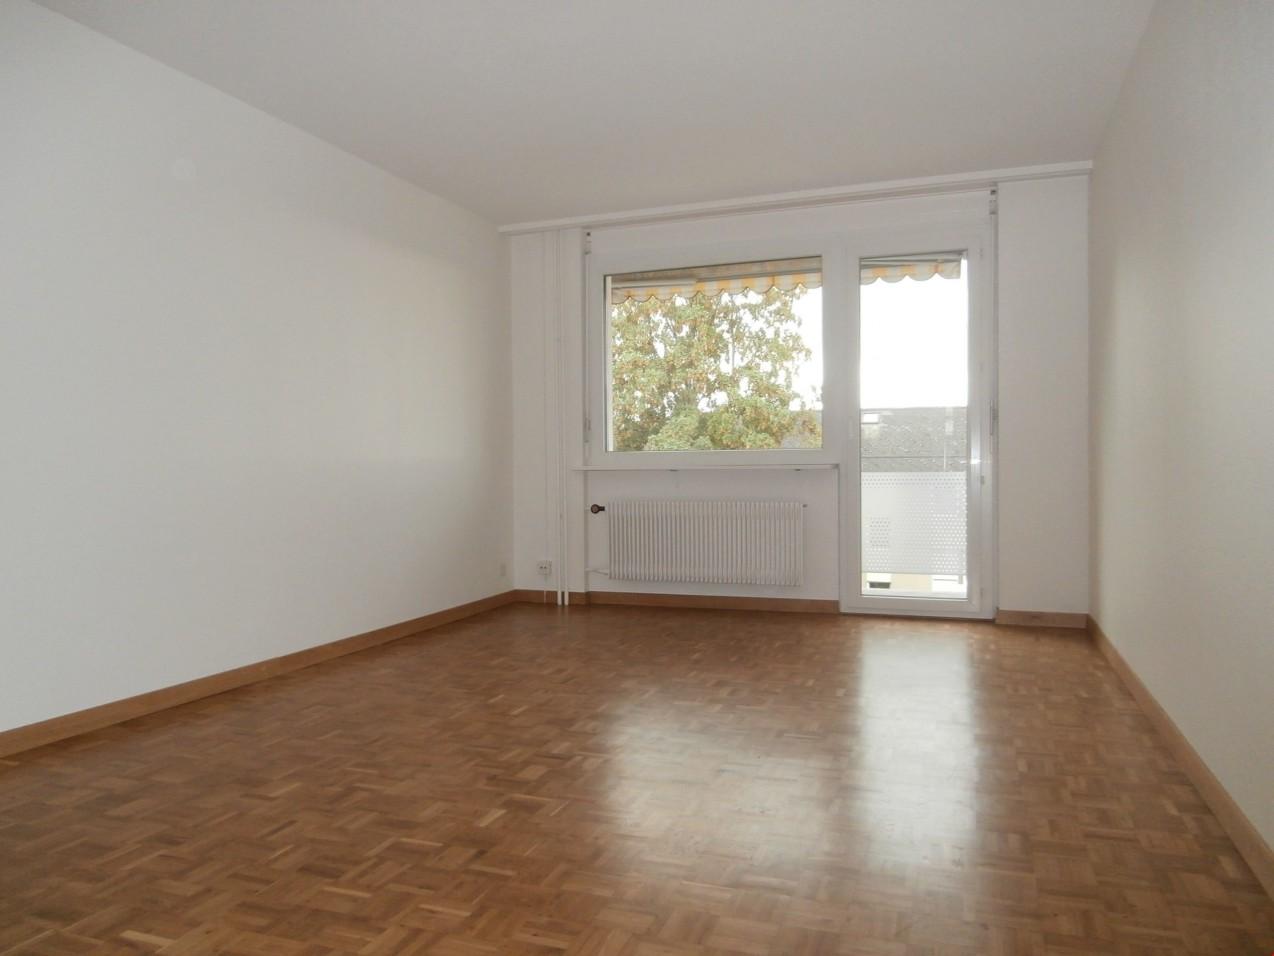 Sch ne 3 zimmer wohnung mit balkon zu vermieten immoscout24 for 3 zimmer wohnung